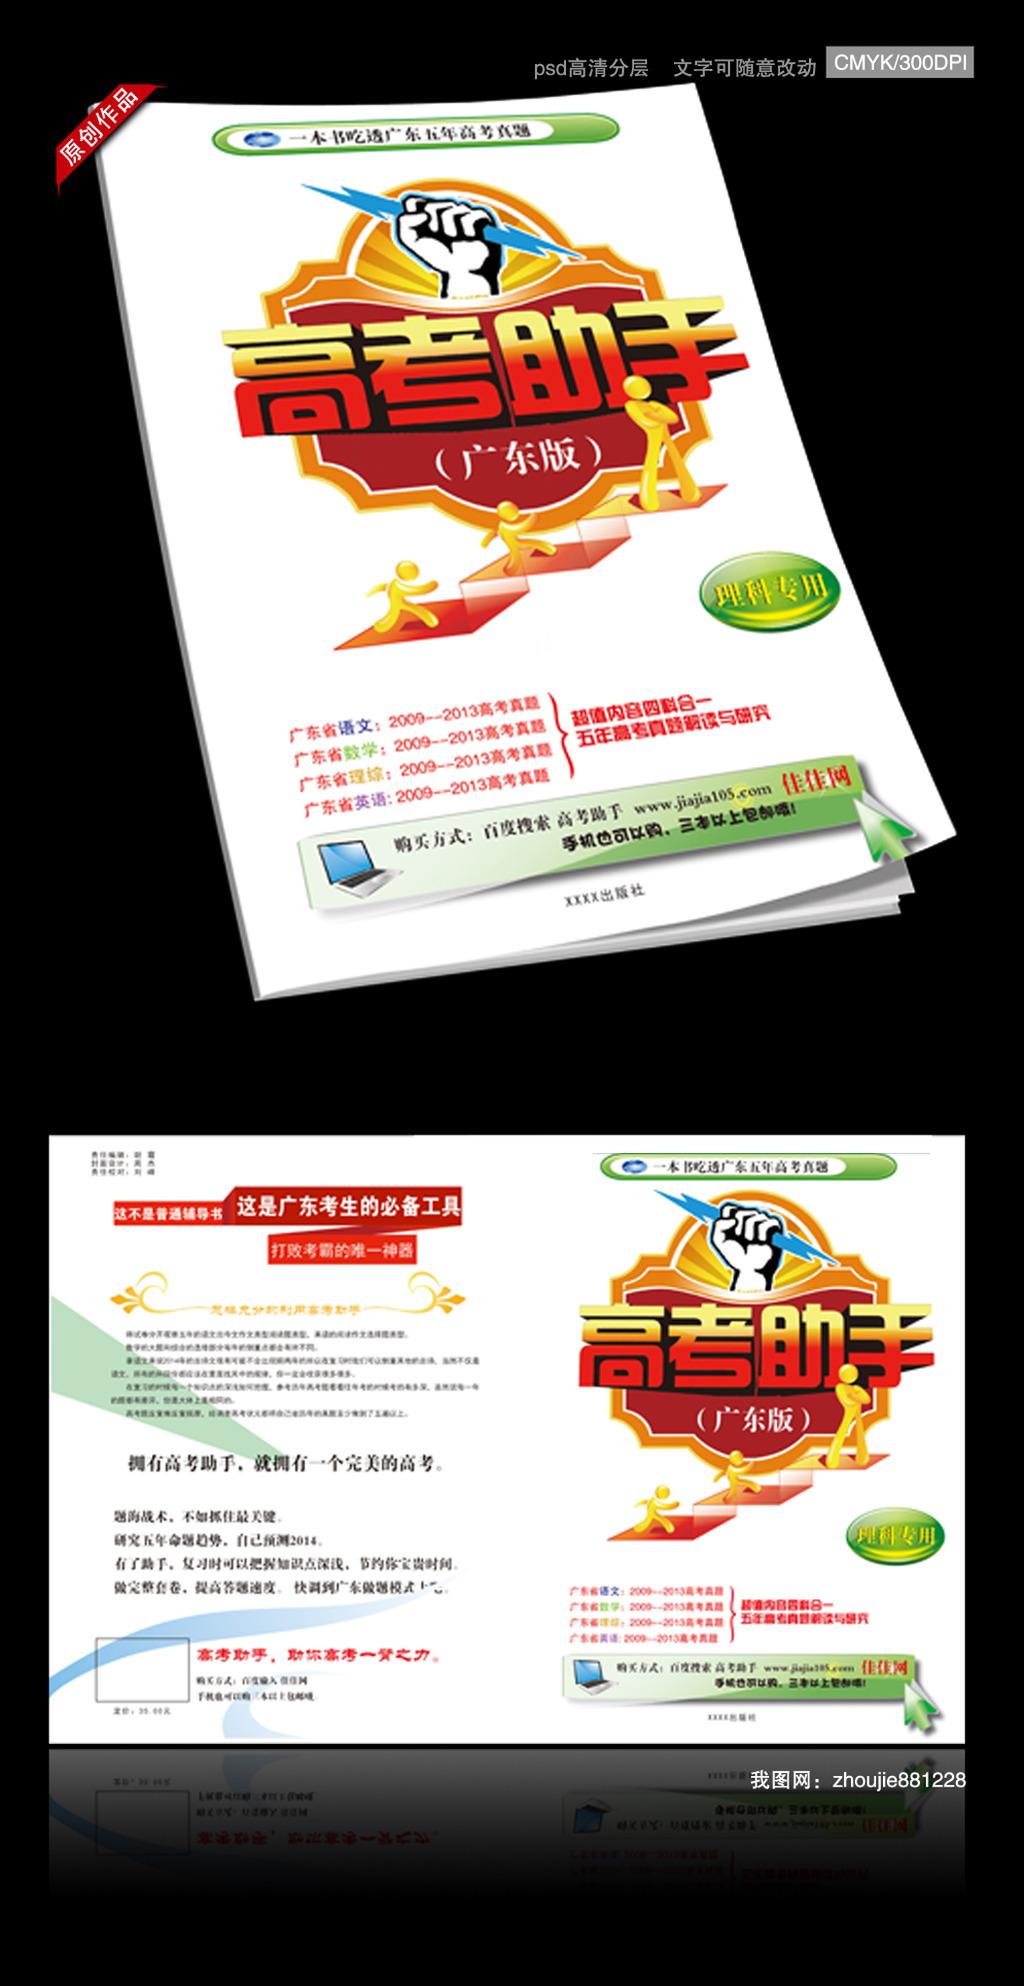 书籍装帧      封面设计 高考封面 书籍装帧效果图 封面效果图 数学